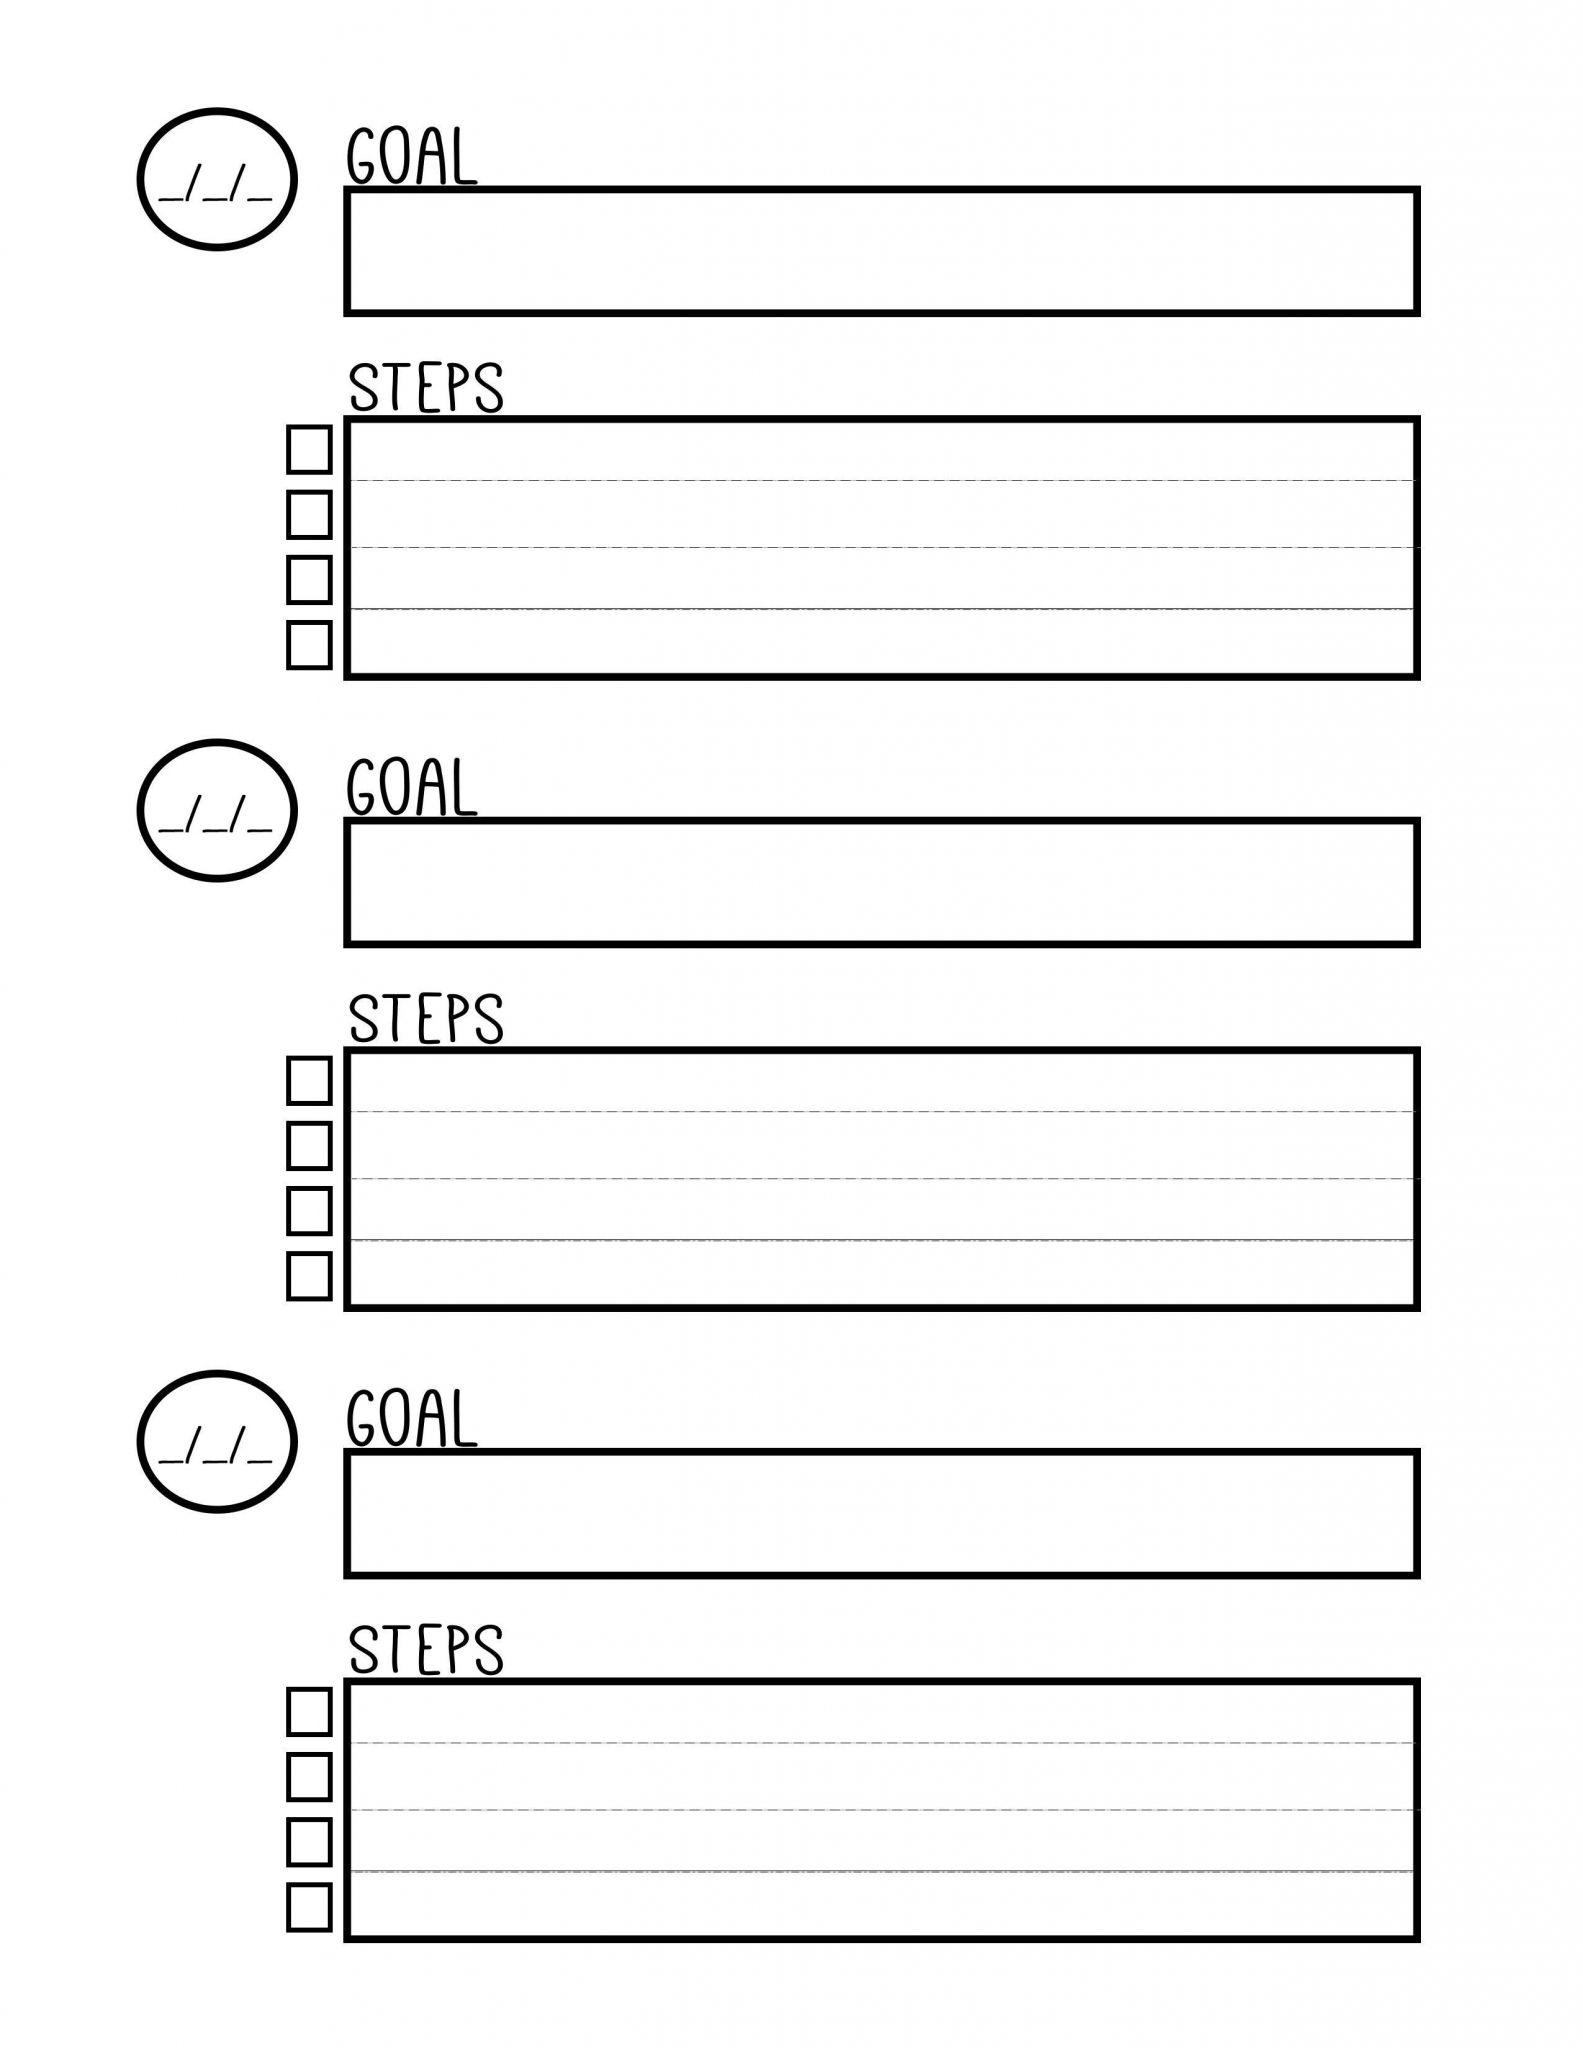 Coping Skills Printable Worksheet